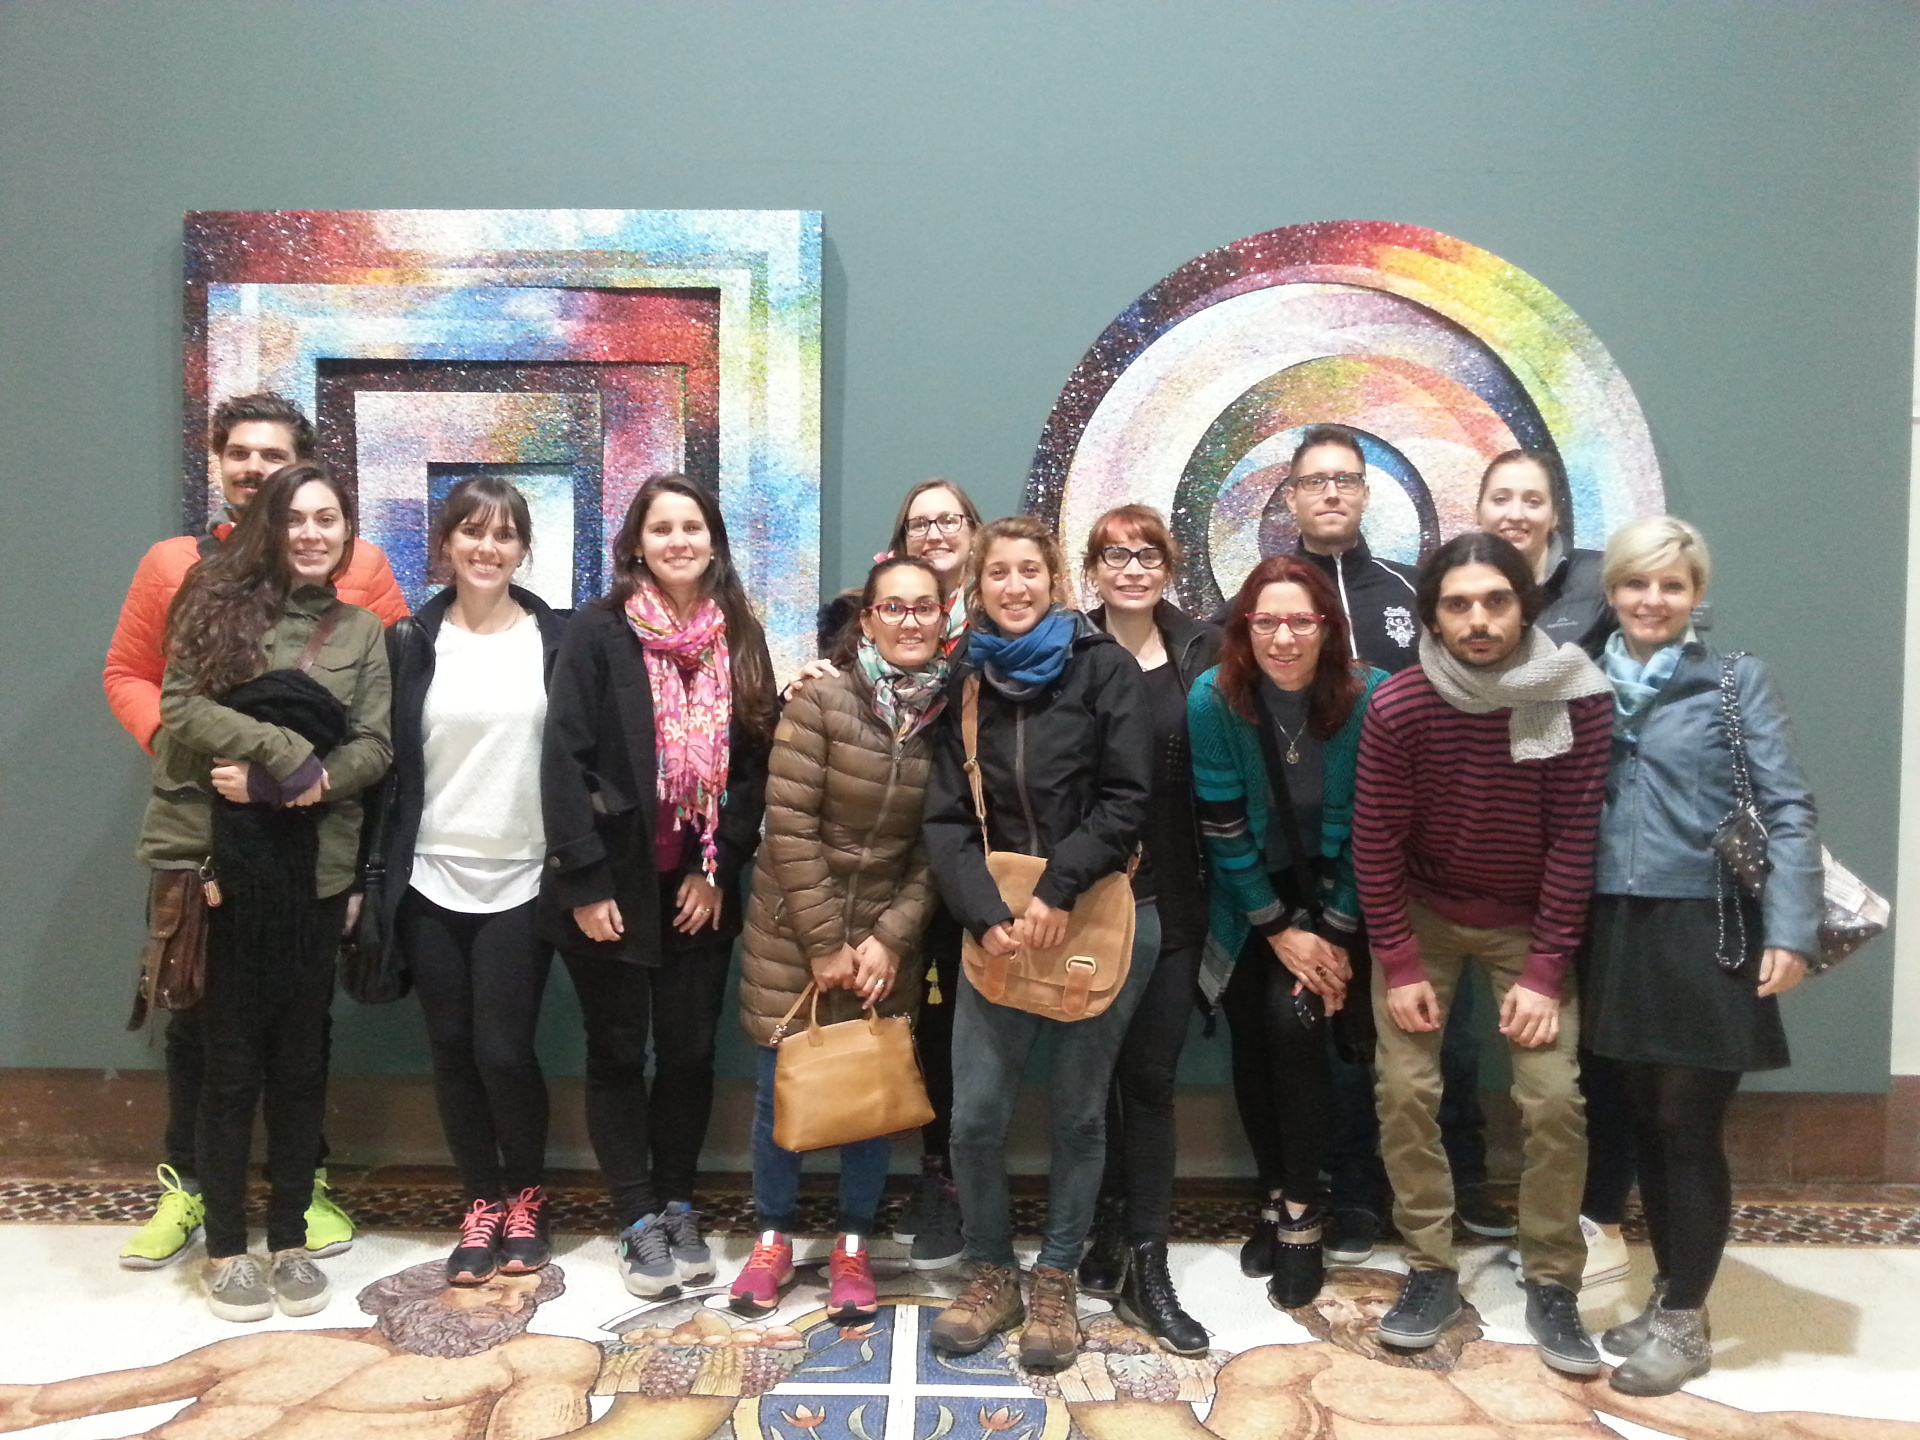 Partito il 7° corso di mosaico organizzato dall'Ente Friuli nel Mondo